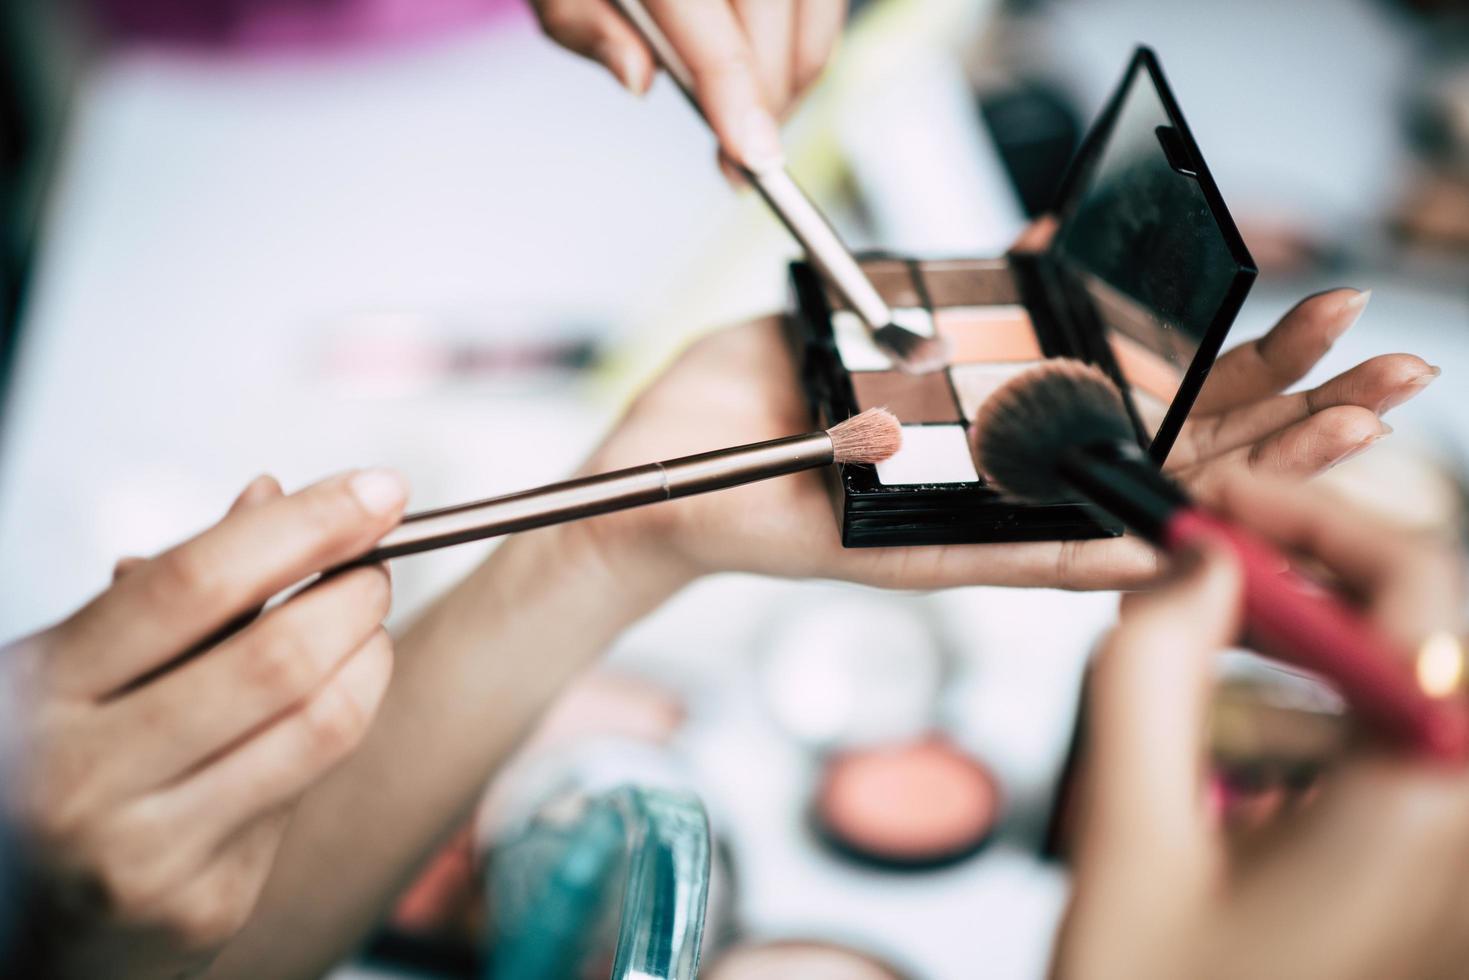 donne che fanno trucco con pennelli e polvere cosmetica foto